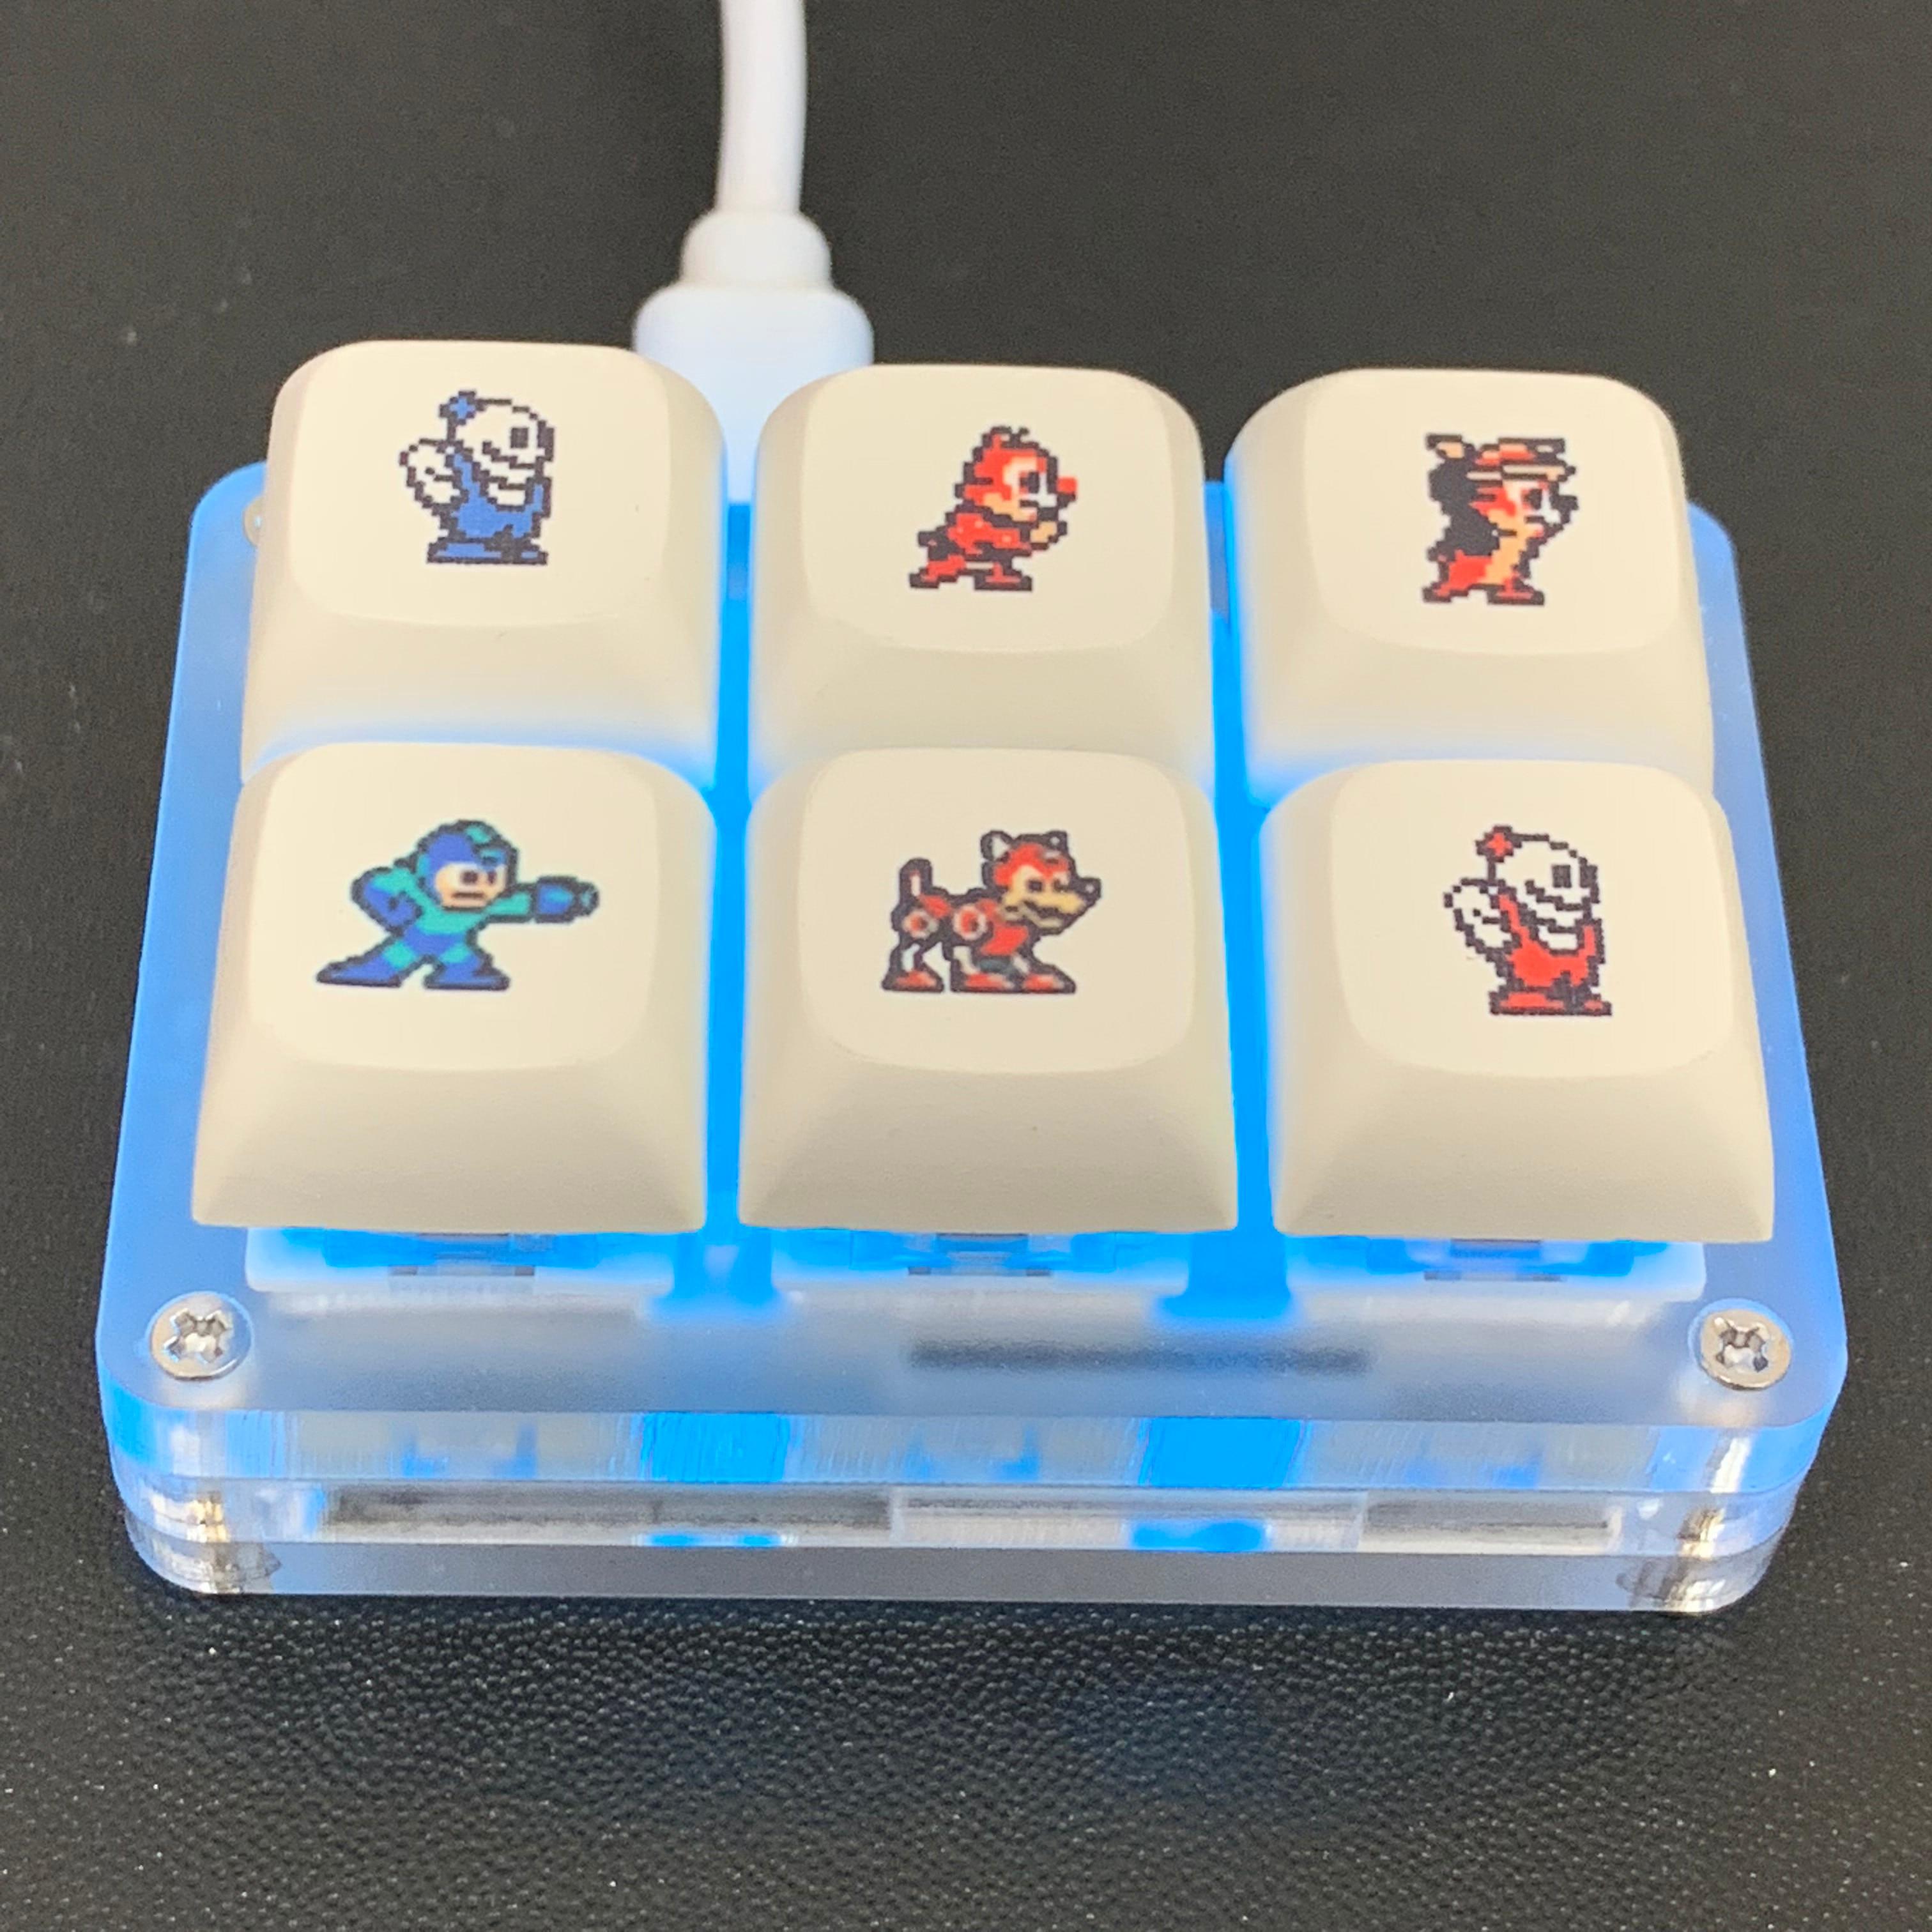 لوحة مفاتيح ميكانيكية صغيرة 6-مفتاح لوحة المفاتيح المخصصة اختصار لوحة المفاتيح ماكرو